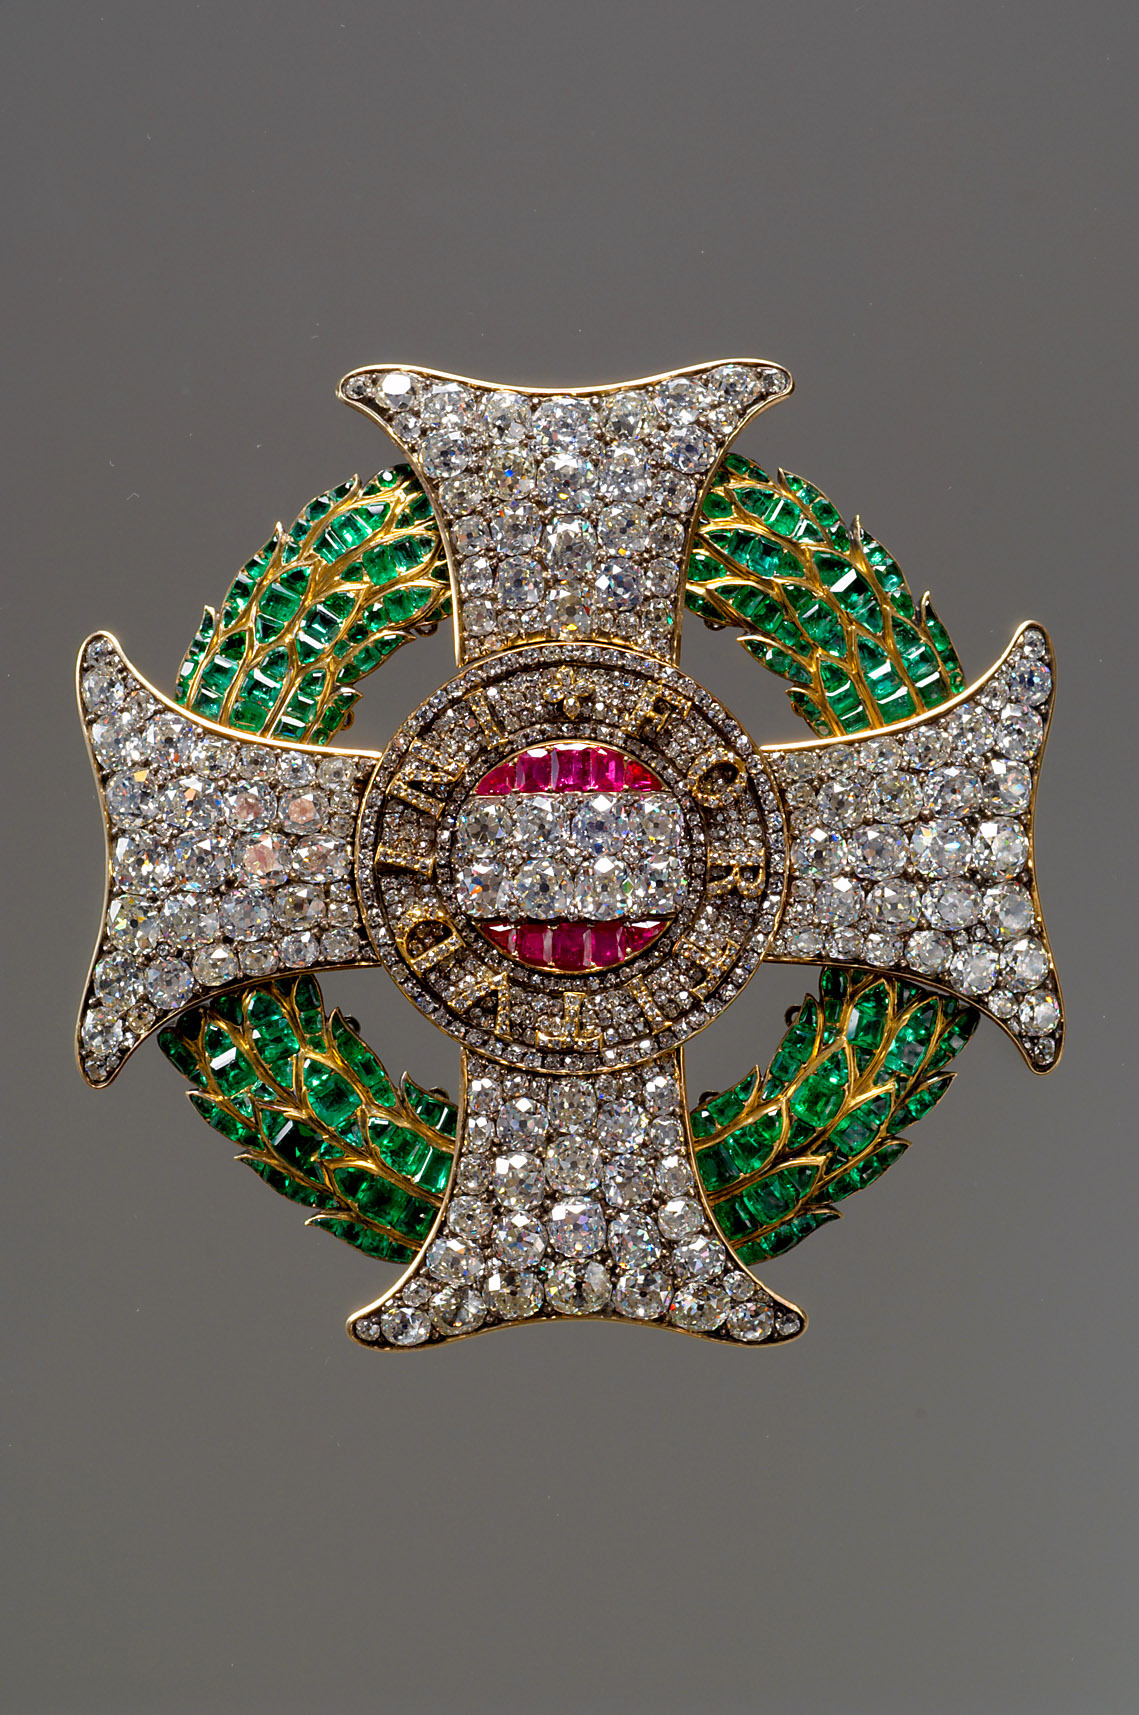 Großkreuz des Militär-Maria-Theresien-Ordens von J. A. Schöll